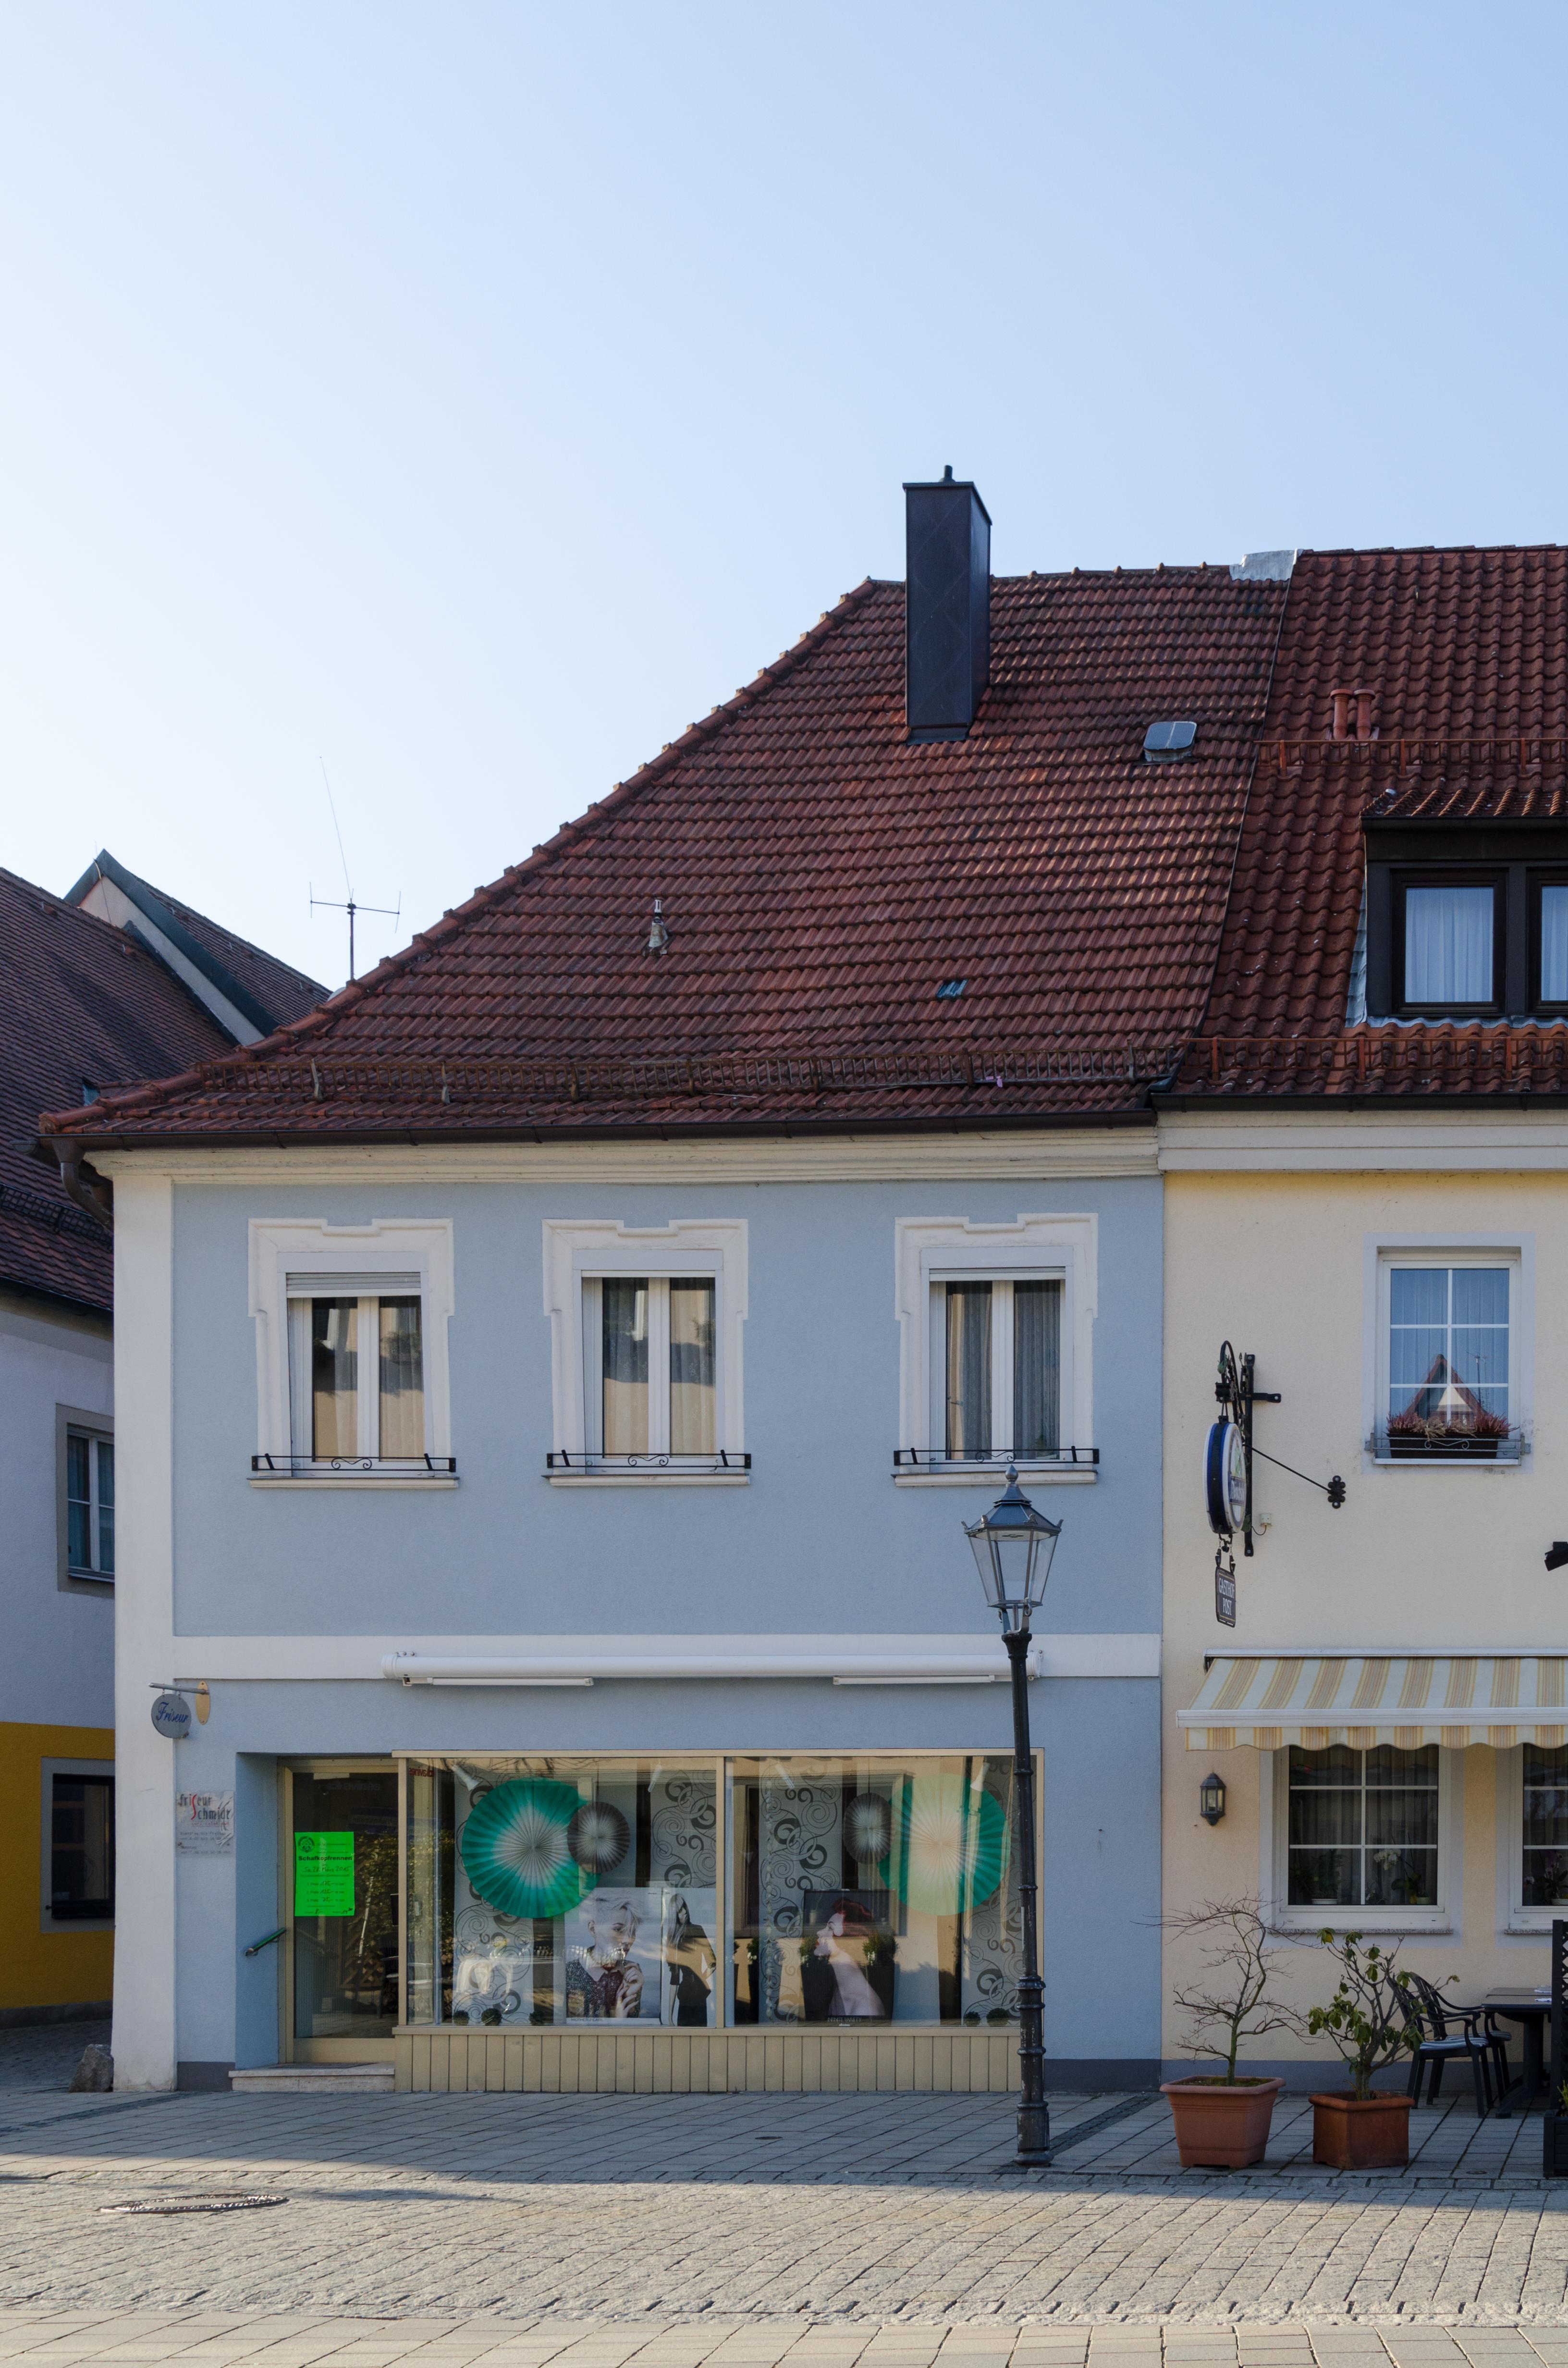 Single ebermannstadt